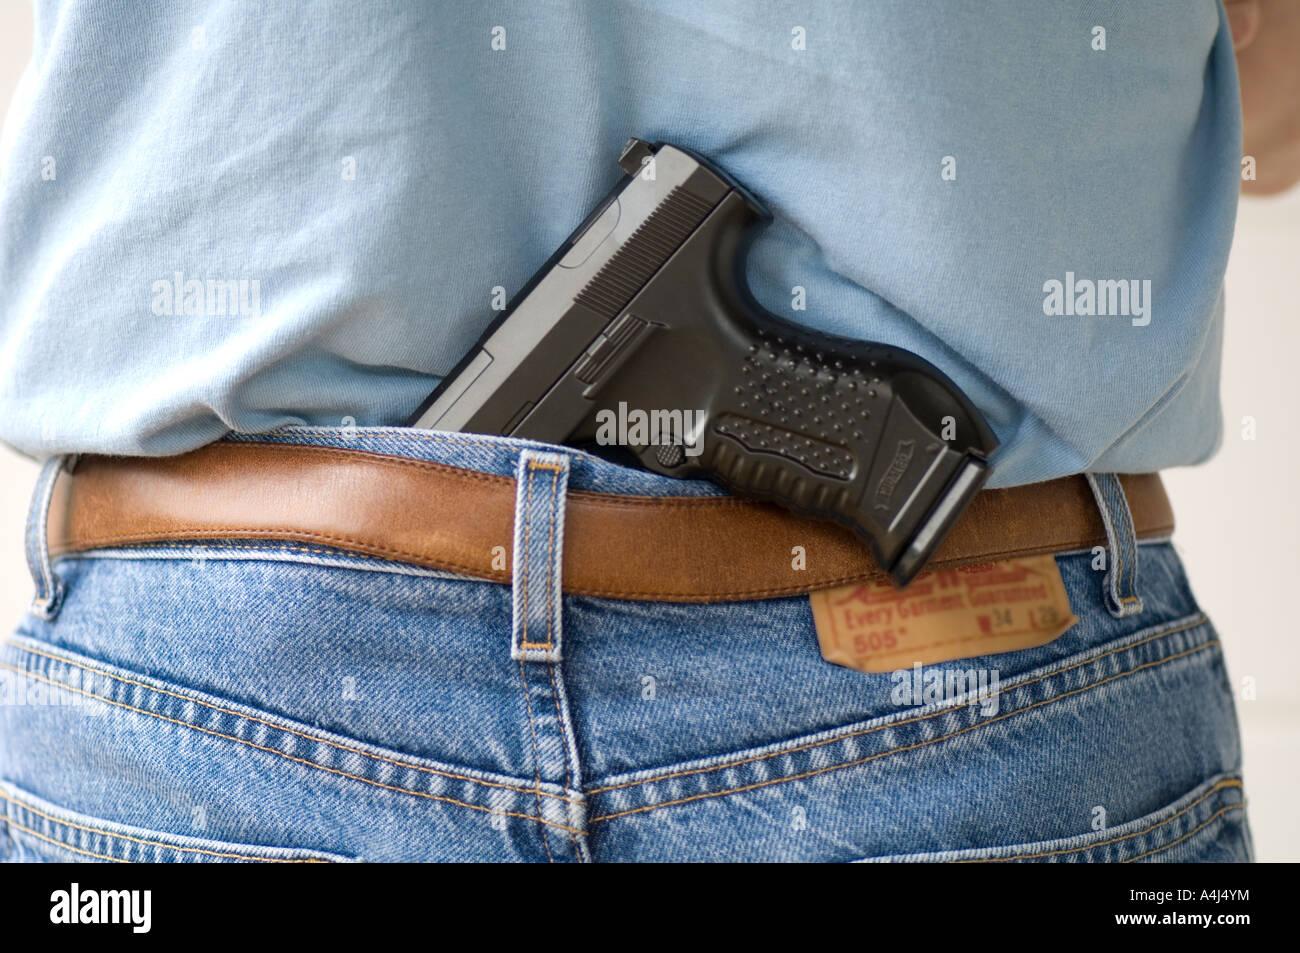 handgun stuck in jeans pocket - Stock Image